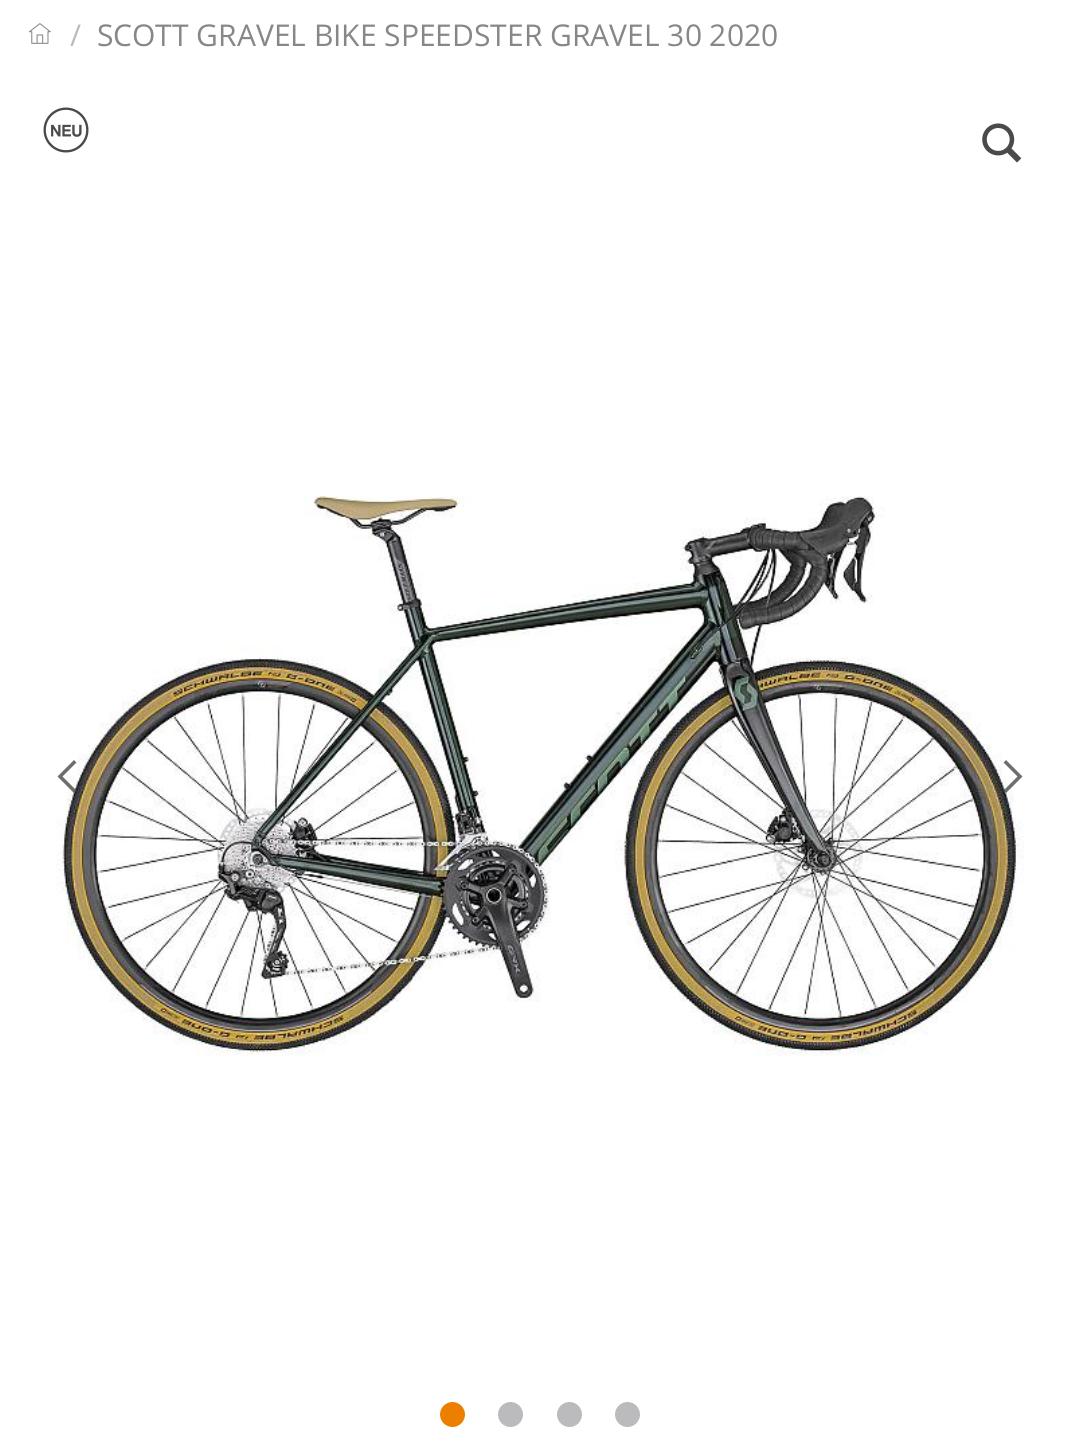 Scott Gravel Bike Speedster Gravel 30 2020